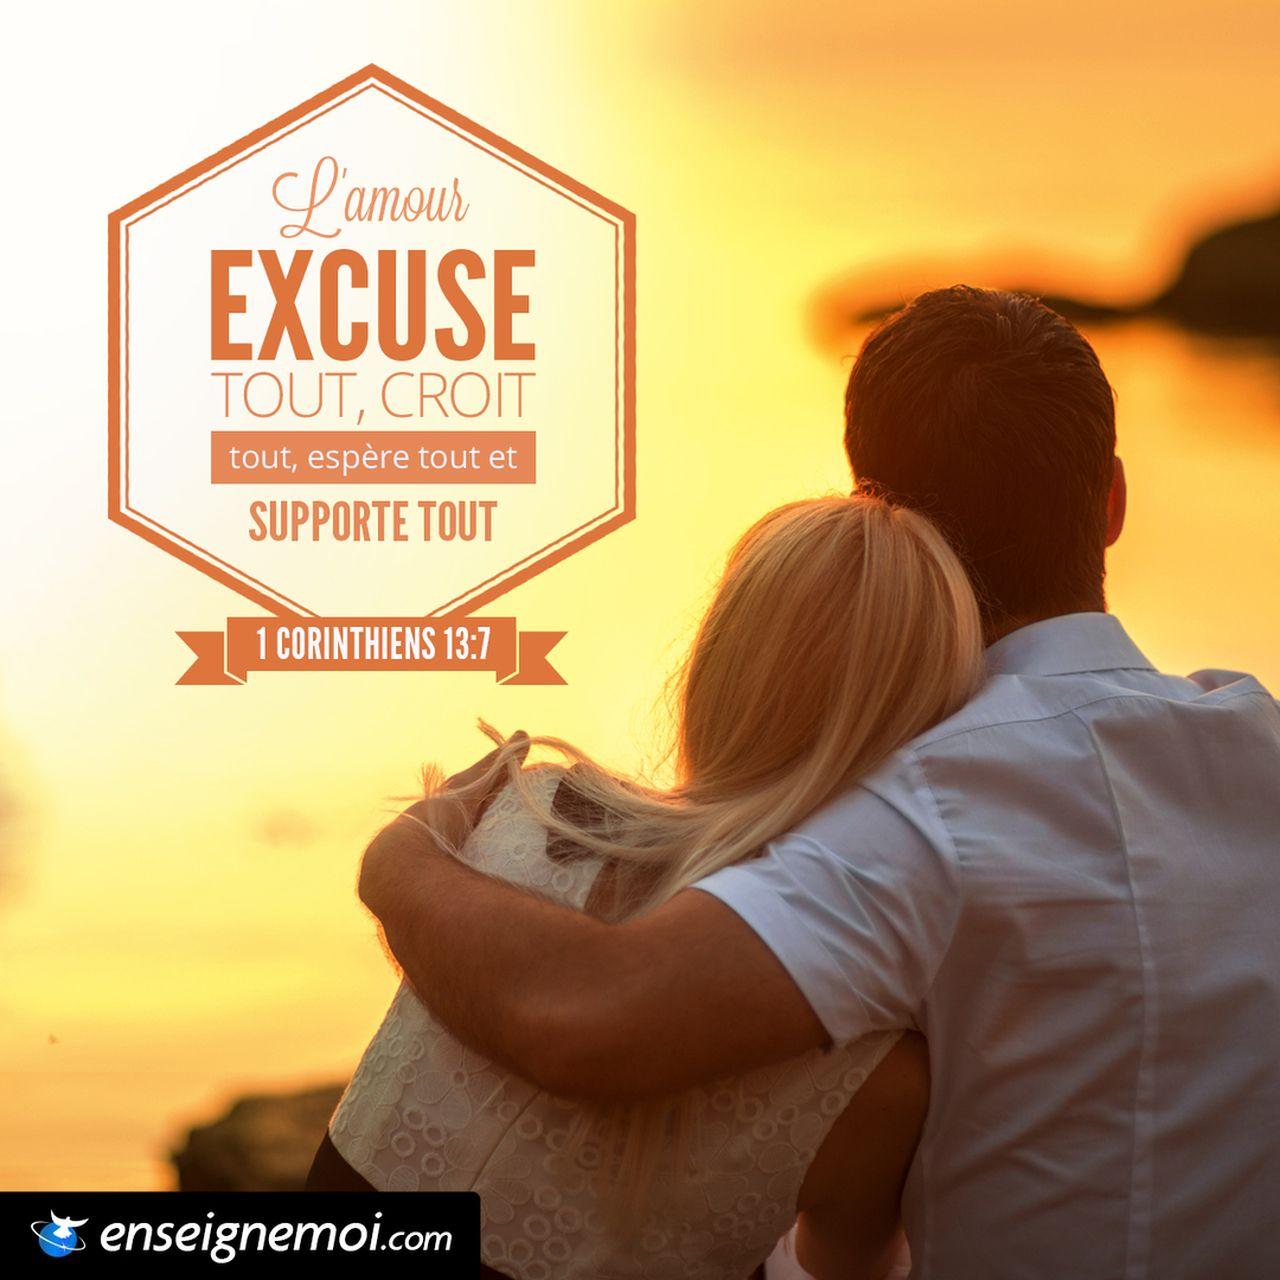 Très 1 Corinthiens 13:7 « L'amour excuse tout, croit tout, espère tout  HB97